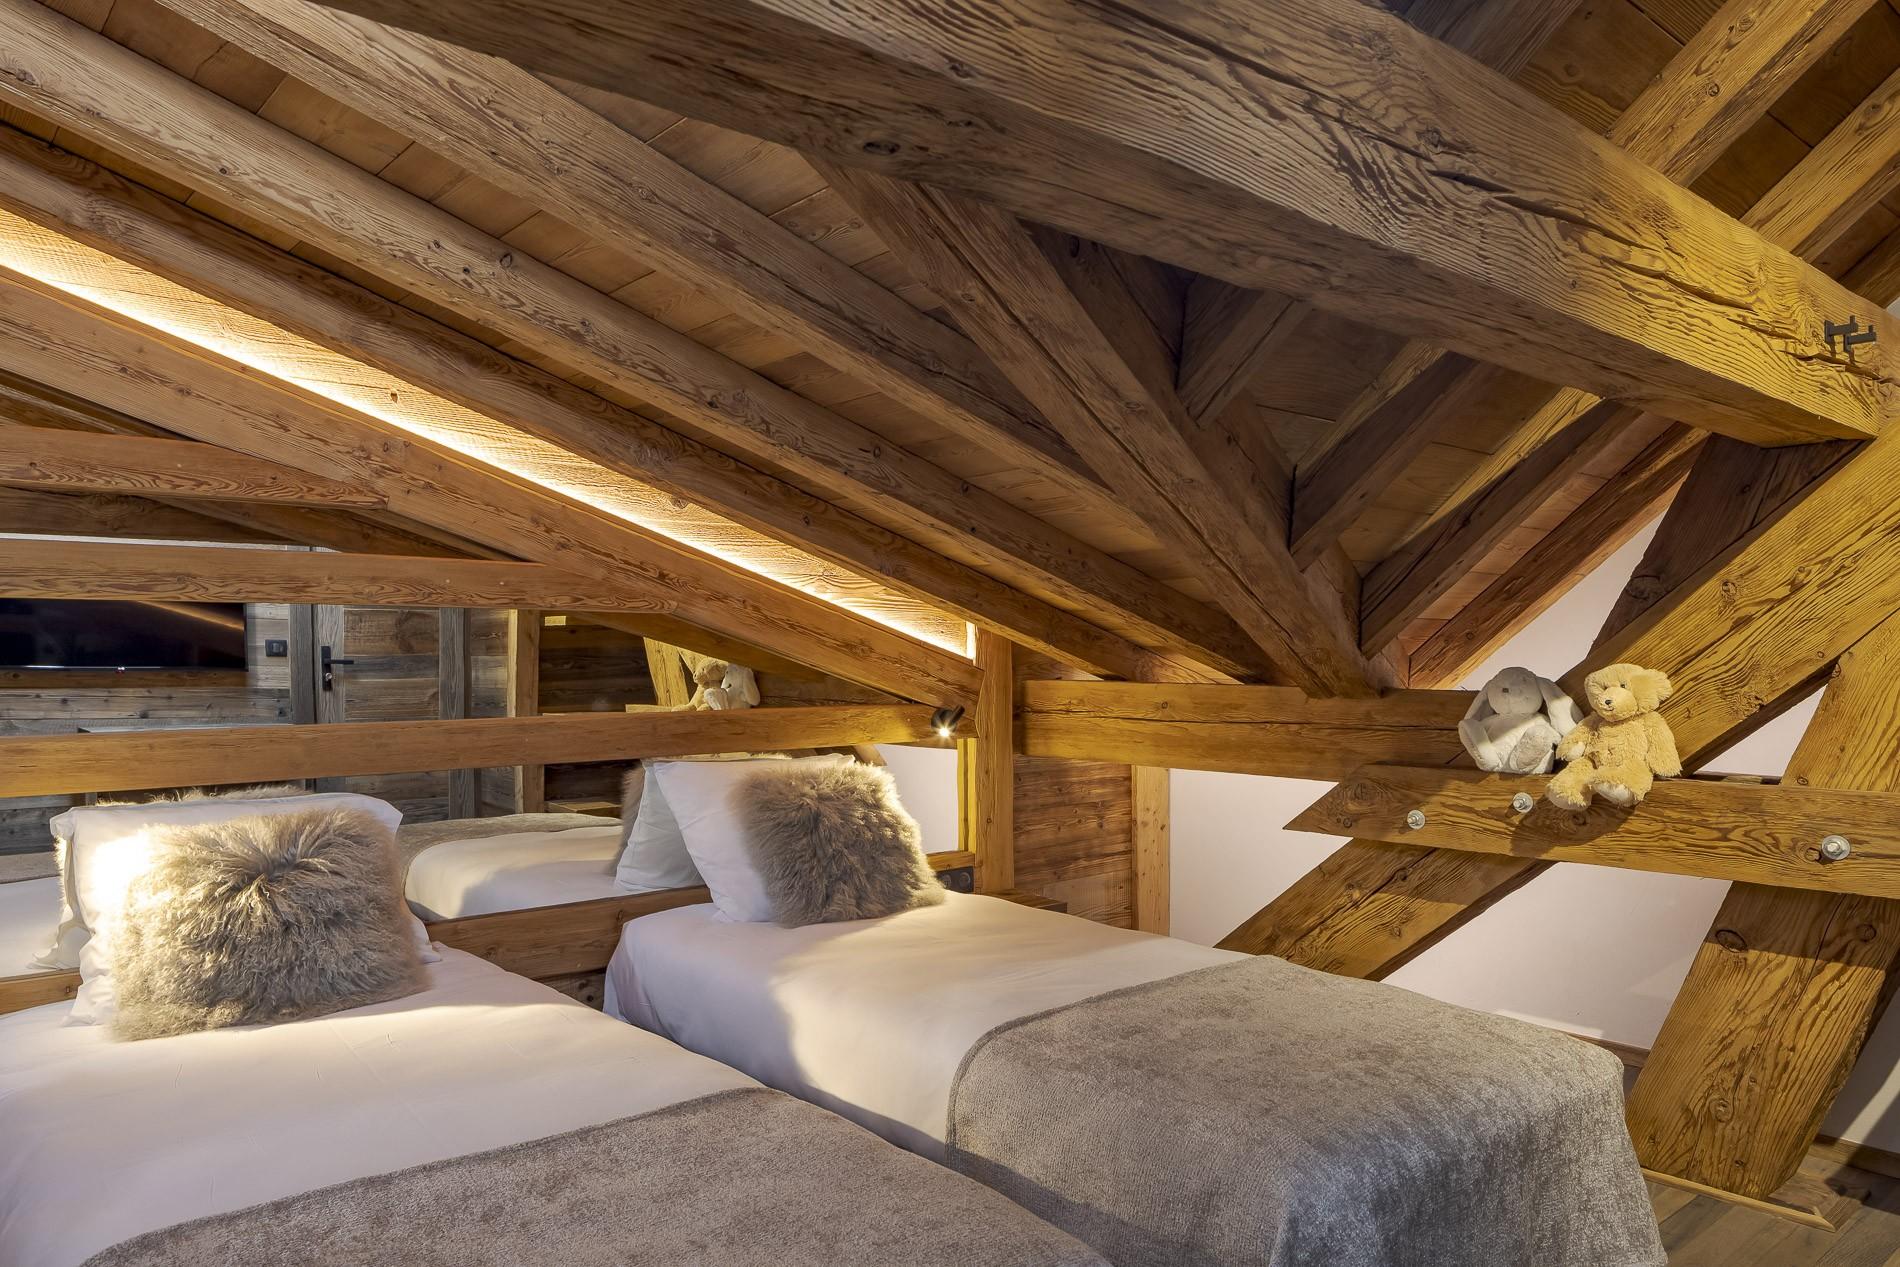 Les Deux Alpes Location Chalet Luxe Cervantute Chambre 5